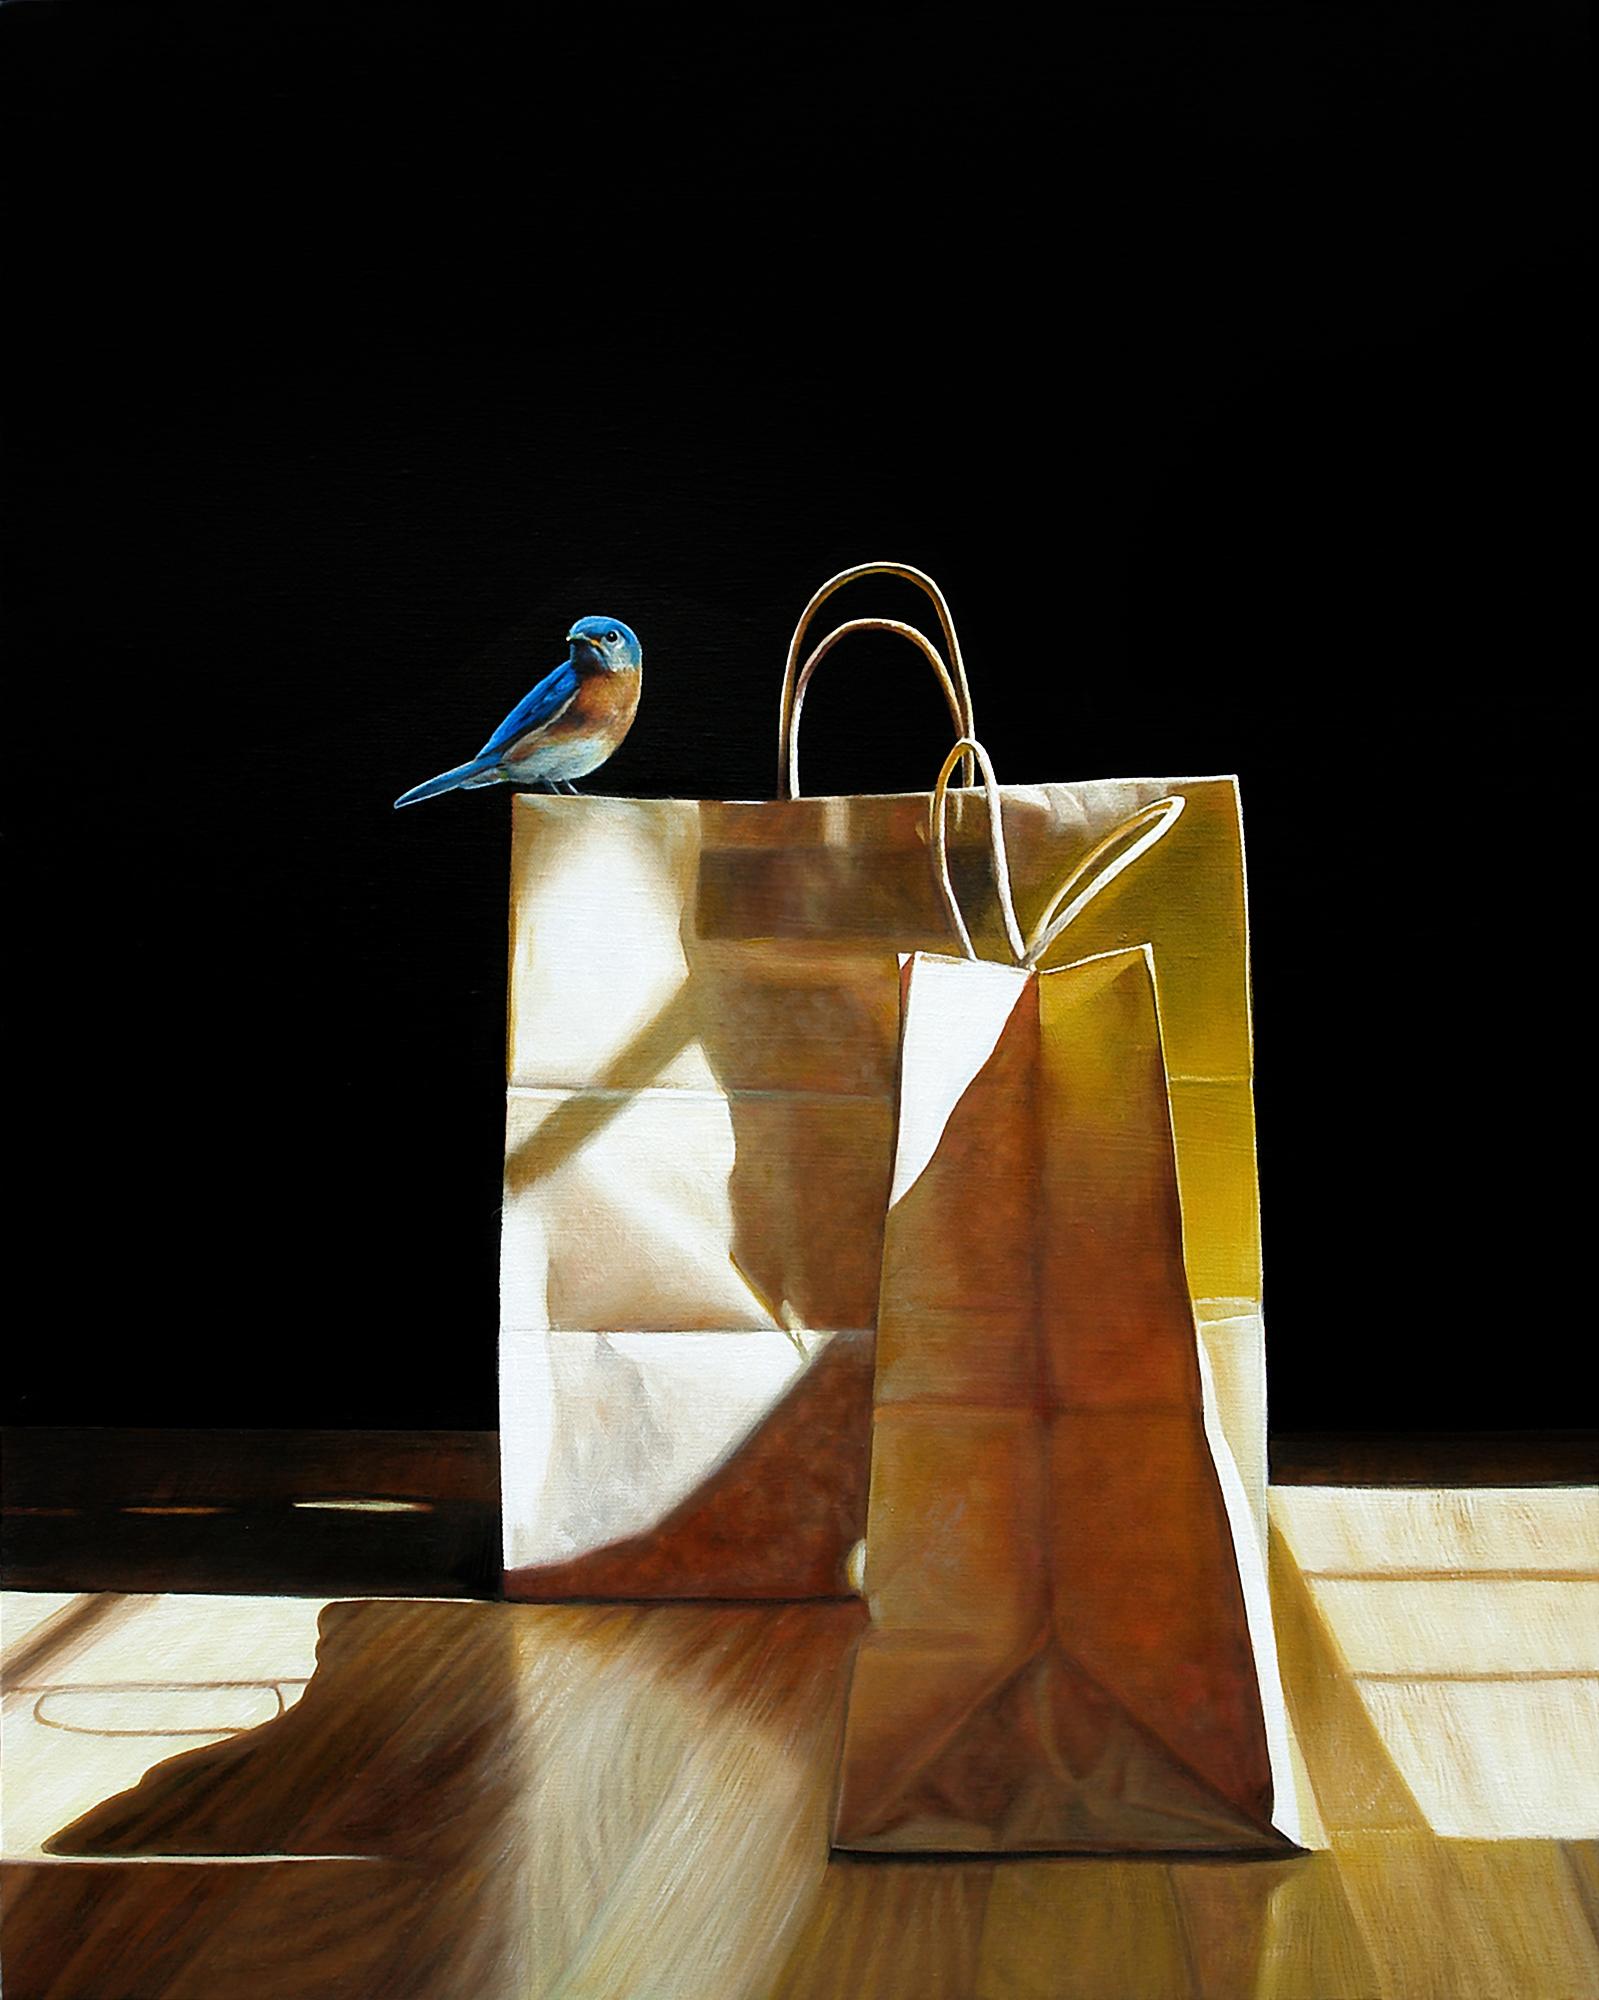 Perch No. 2 | 24 x 30 | Oil on canvas